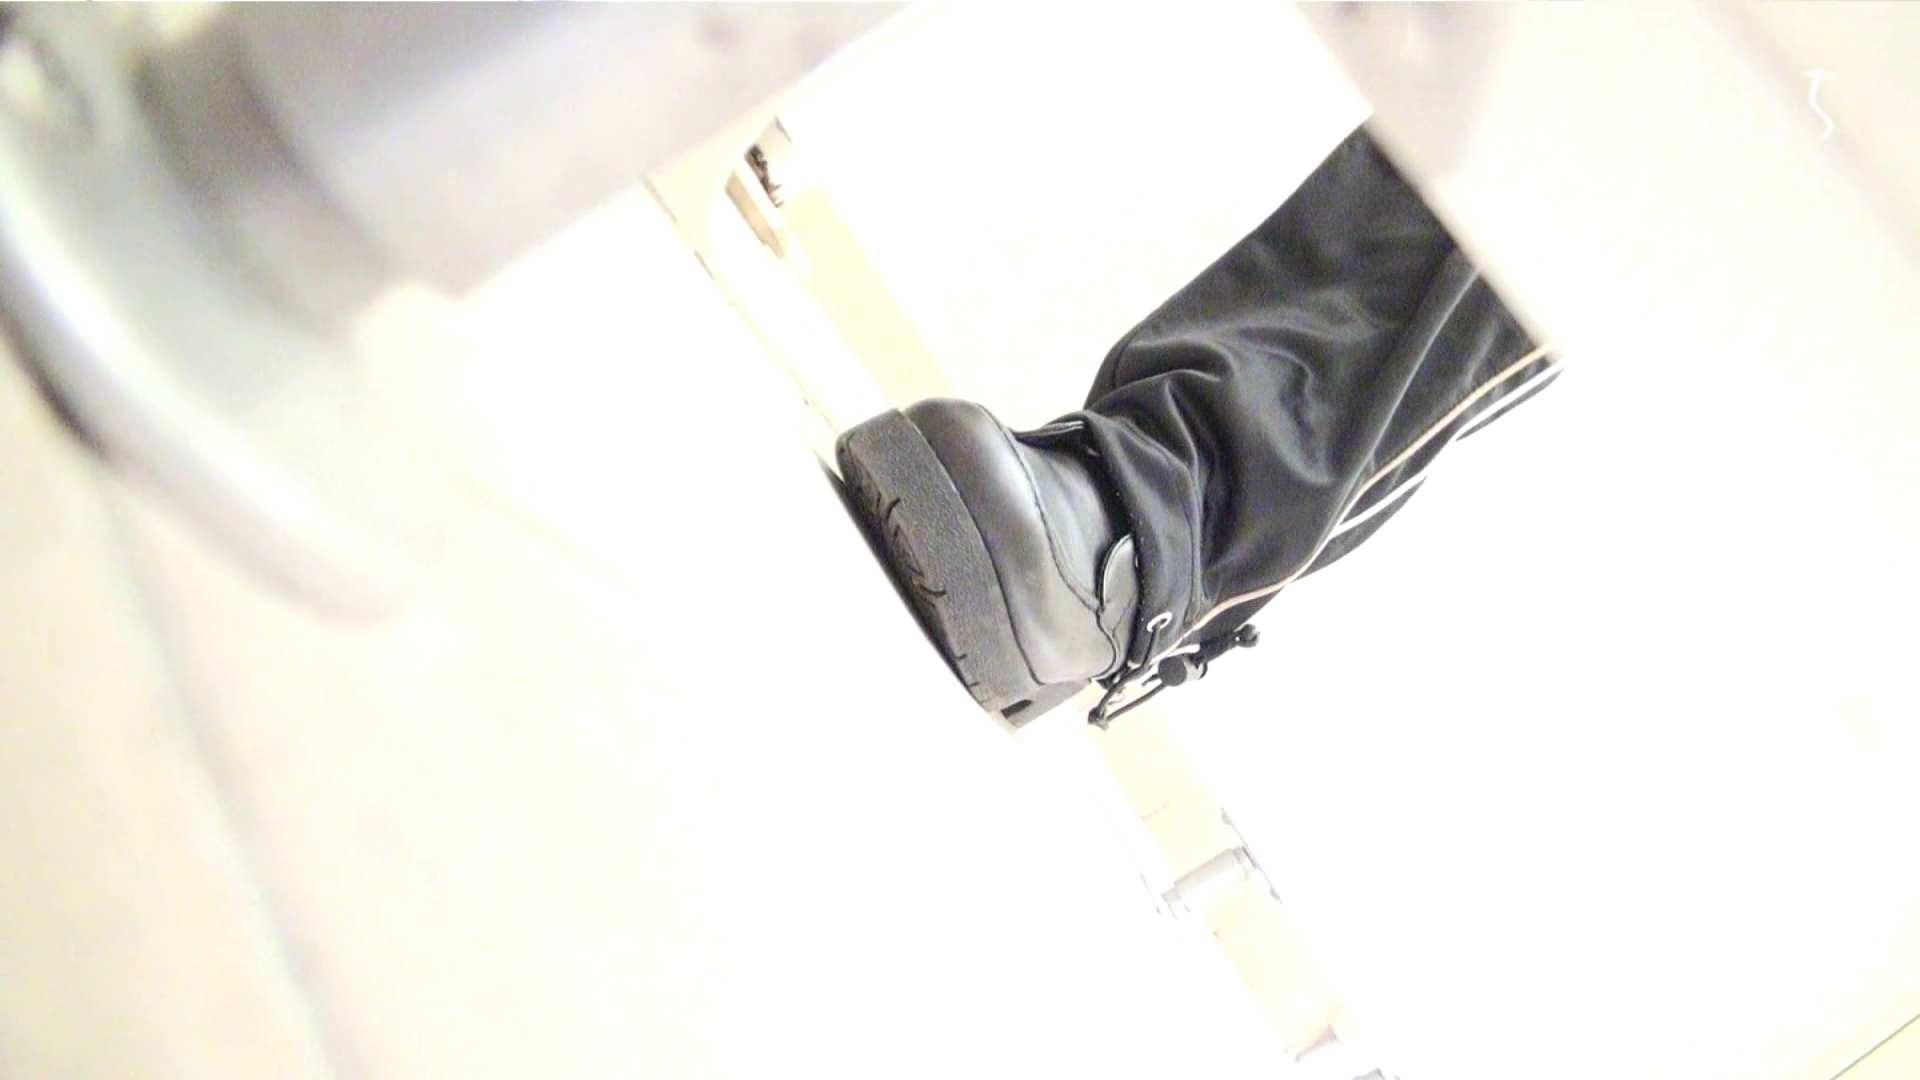 ナースのお小水 vol.005 下半身 盗撮われめAV動画紹介 83連発 5